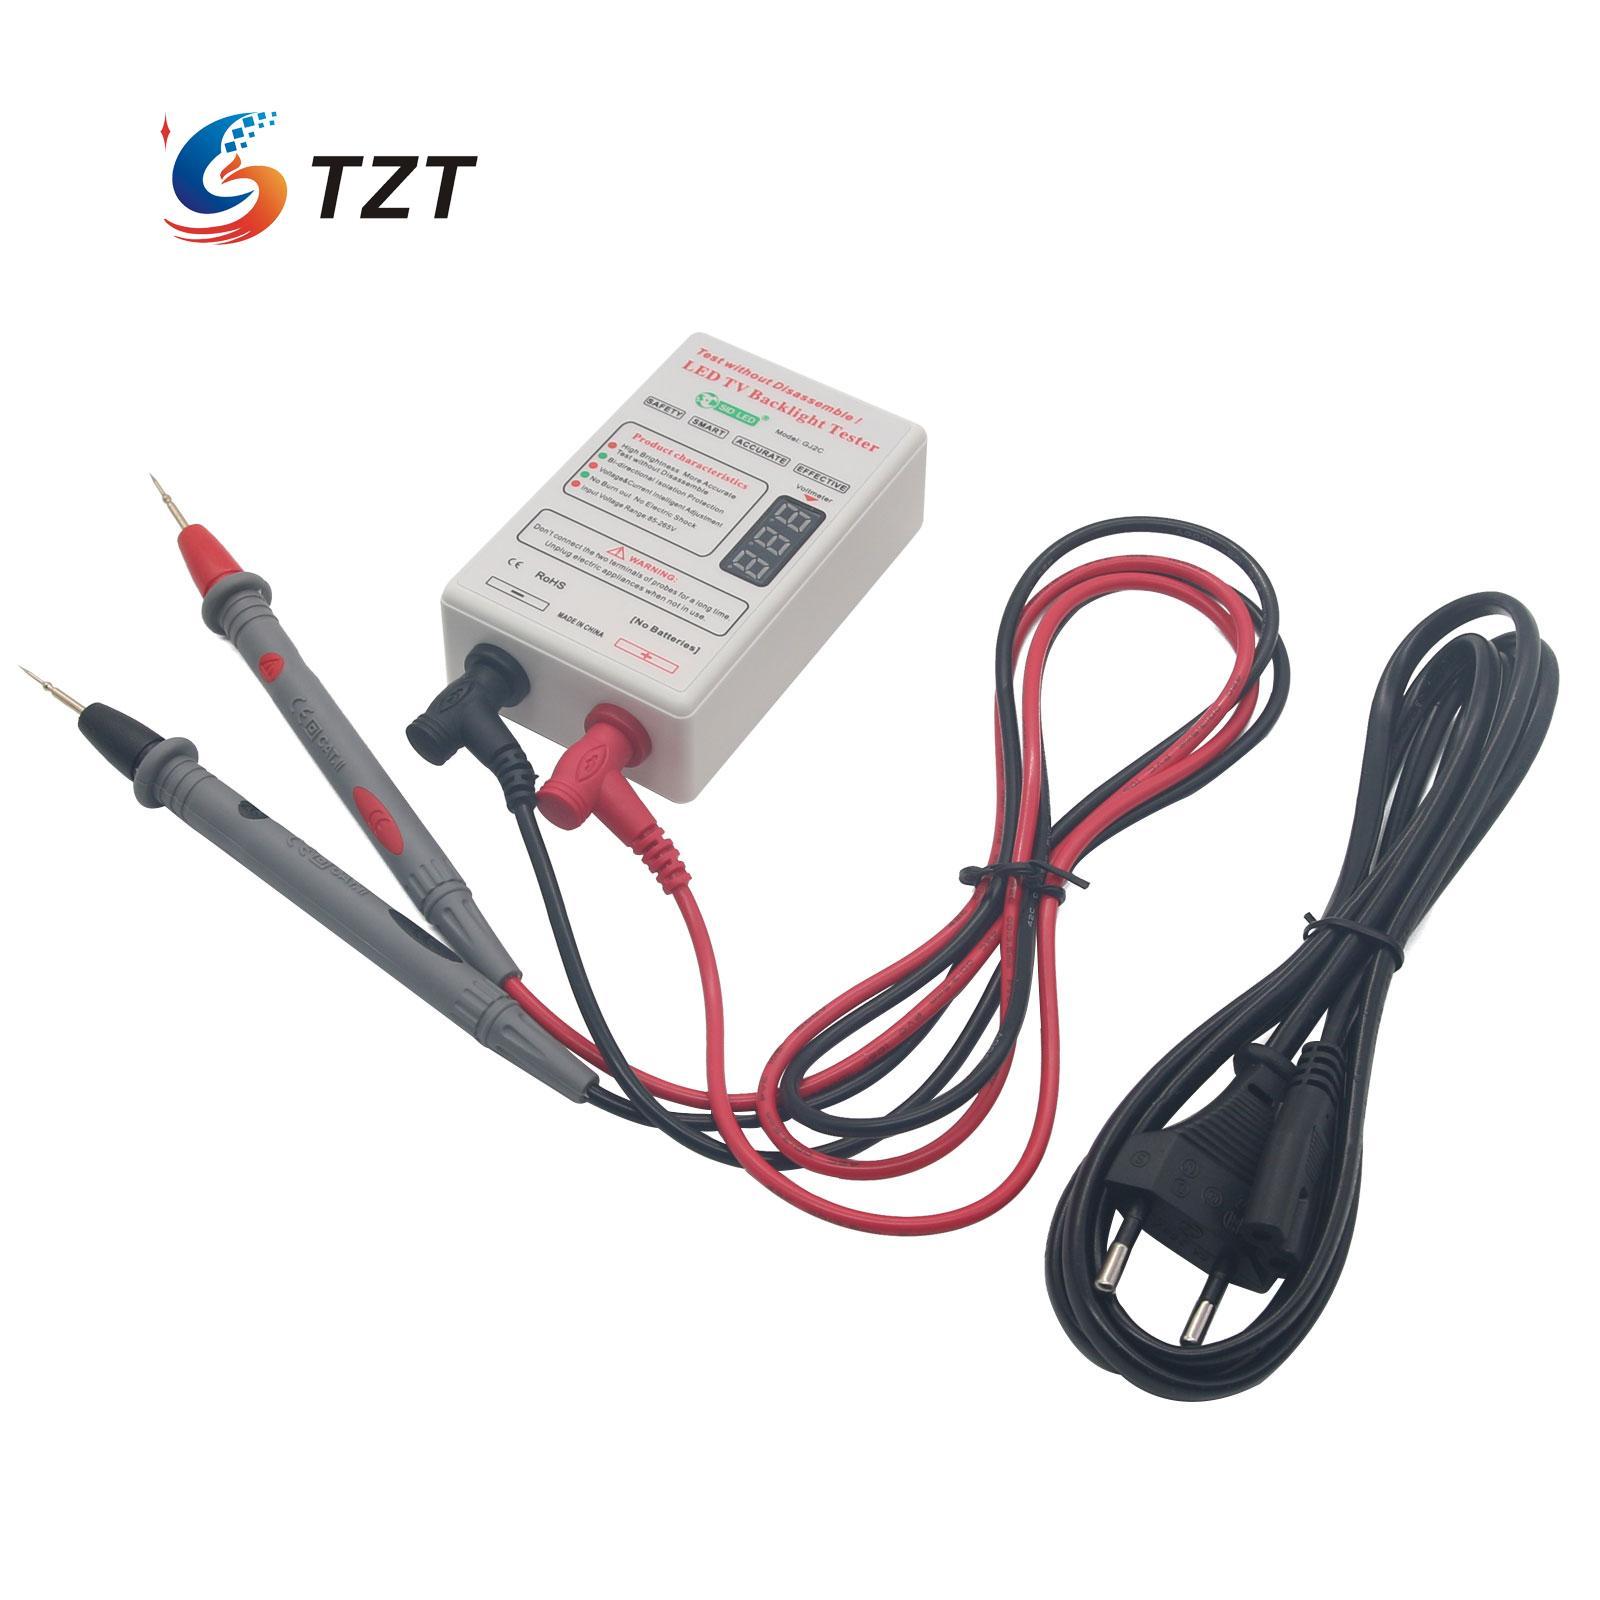 0-300V LED TV LCD Tester Lamp Beads Board GJ2C Strip Backlight Voltage td 0 200v voltage tv laptop led lcd backlight tester lamp beads light board transistor geiger tester